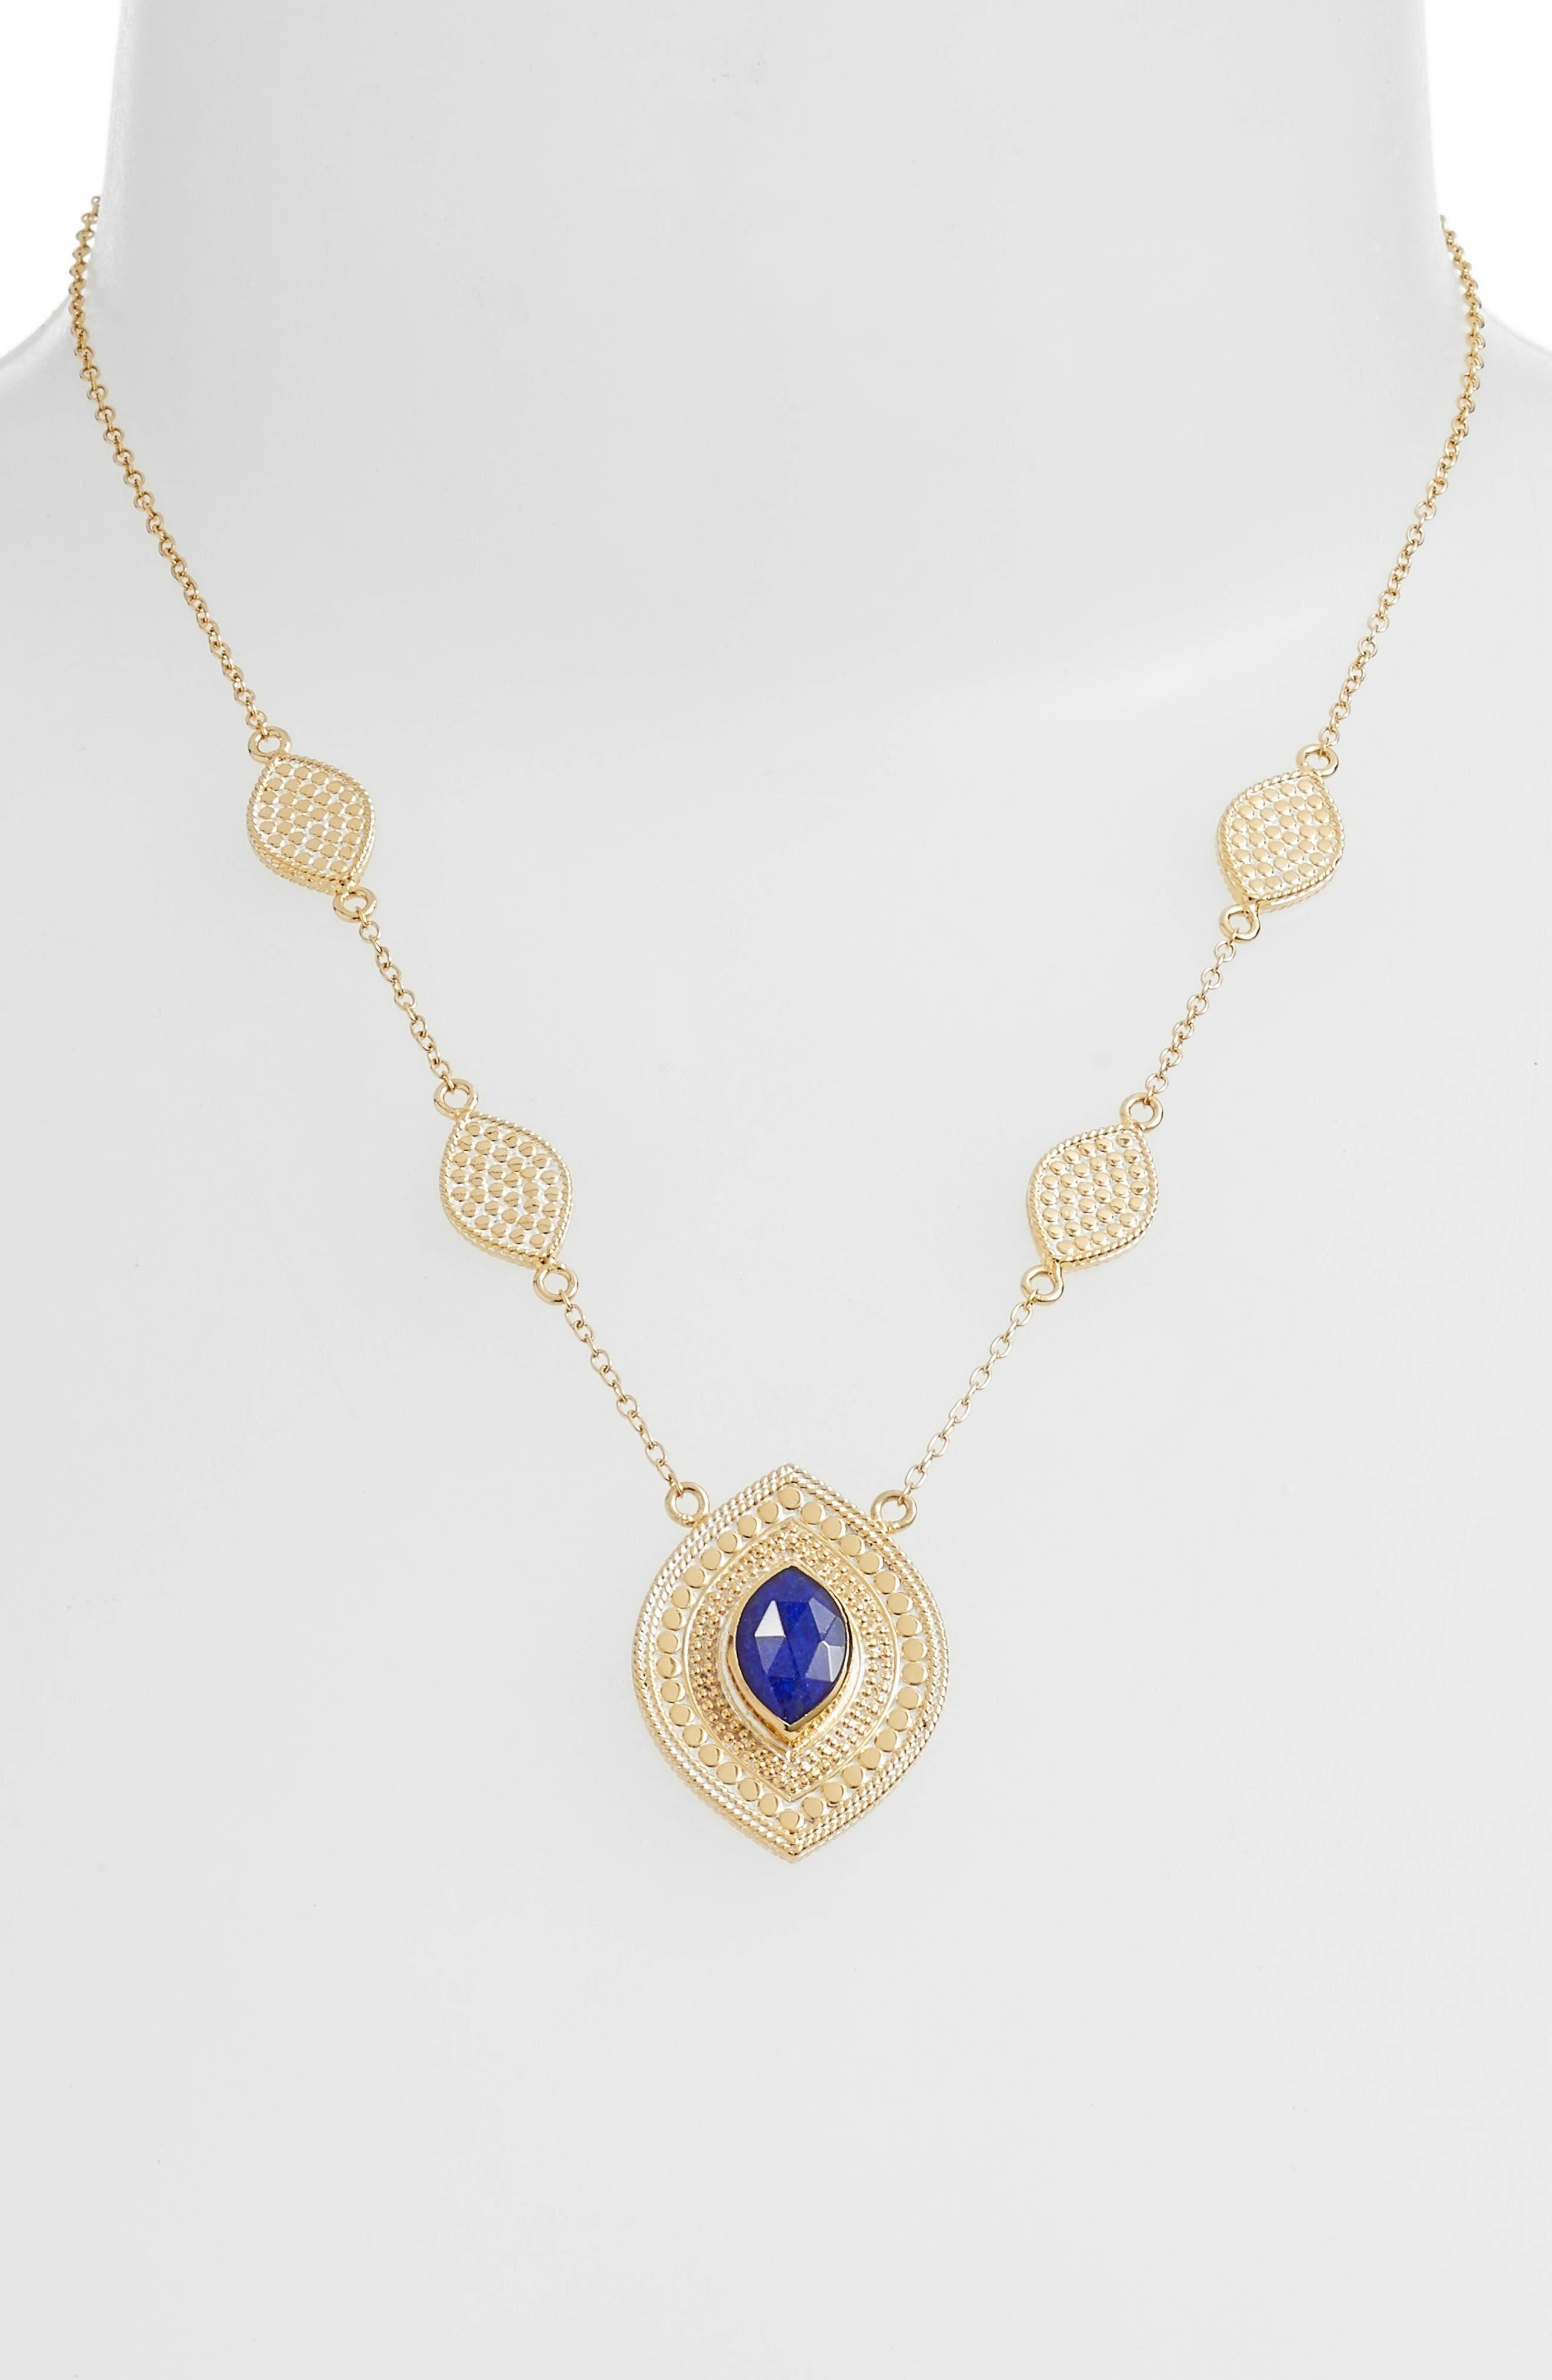 Double Lapis Pendant Station Necklace,                         Main,                         color, Gold/ Lapis